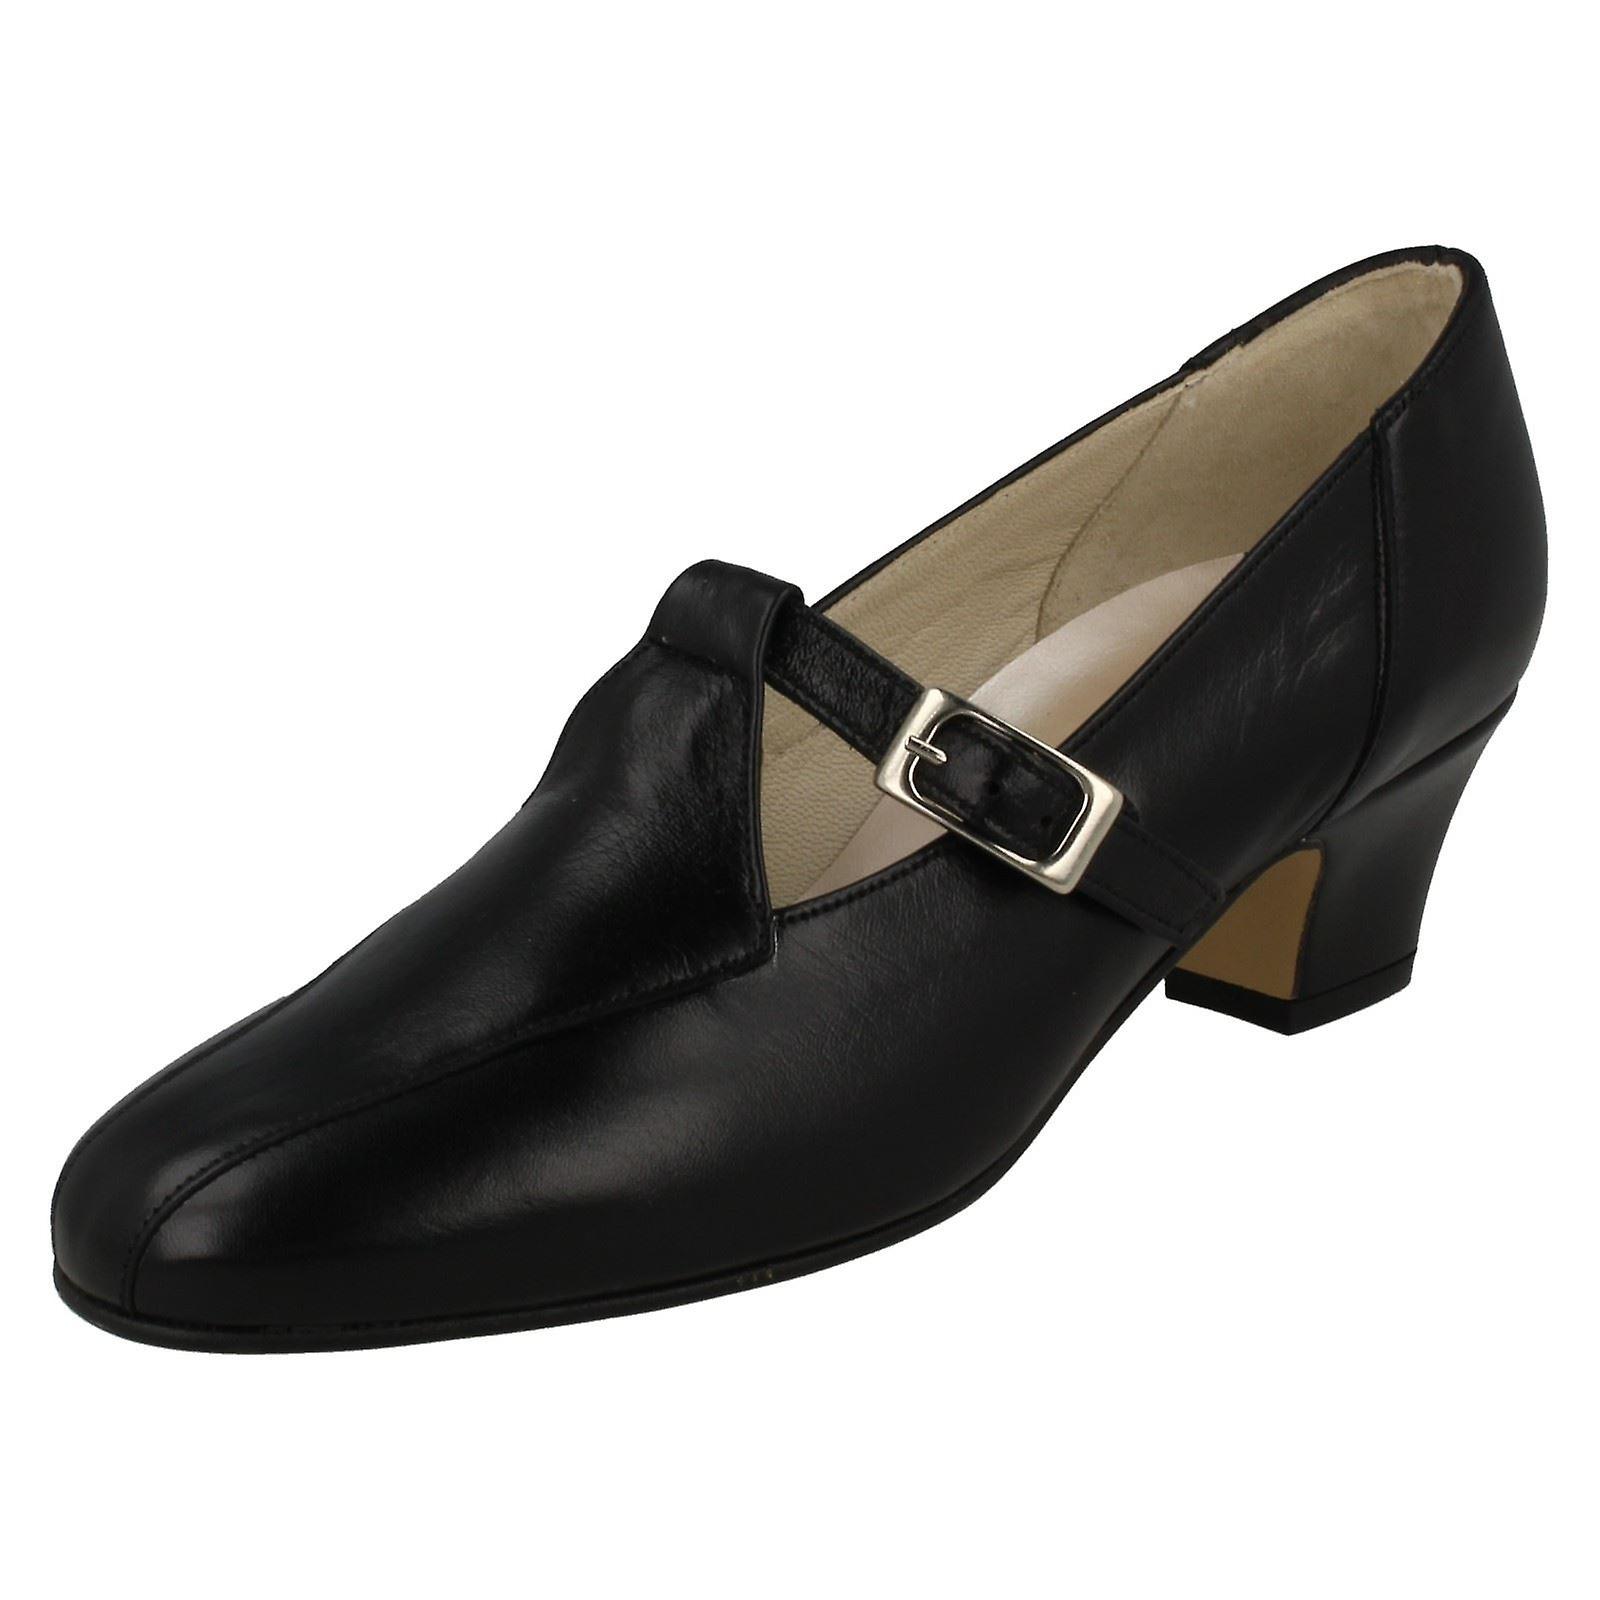 Nil Simile wąskie, montaż Mary Jane Panie buty Beryl uQm7z